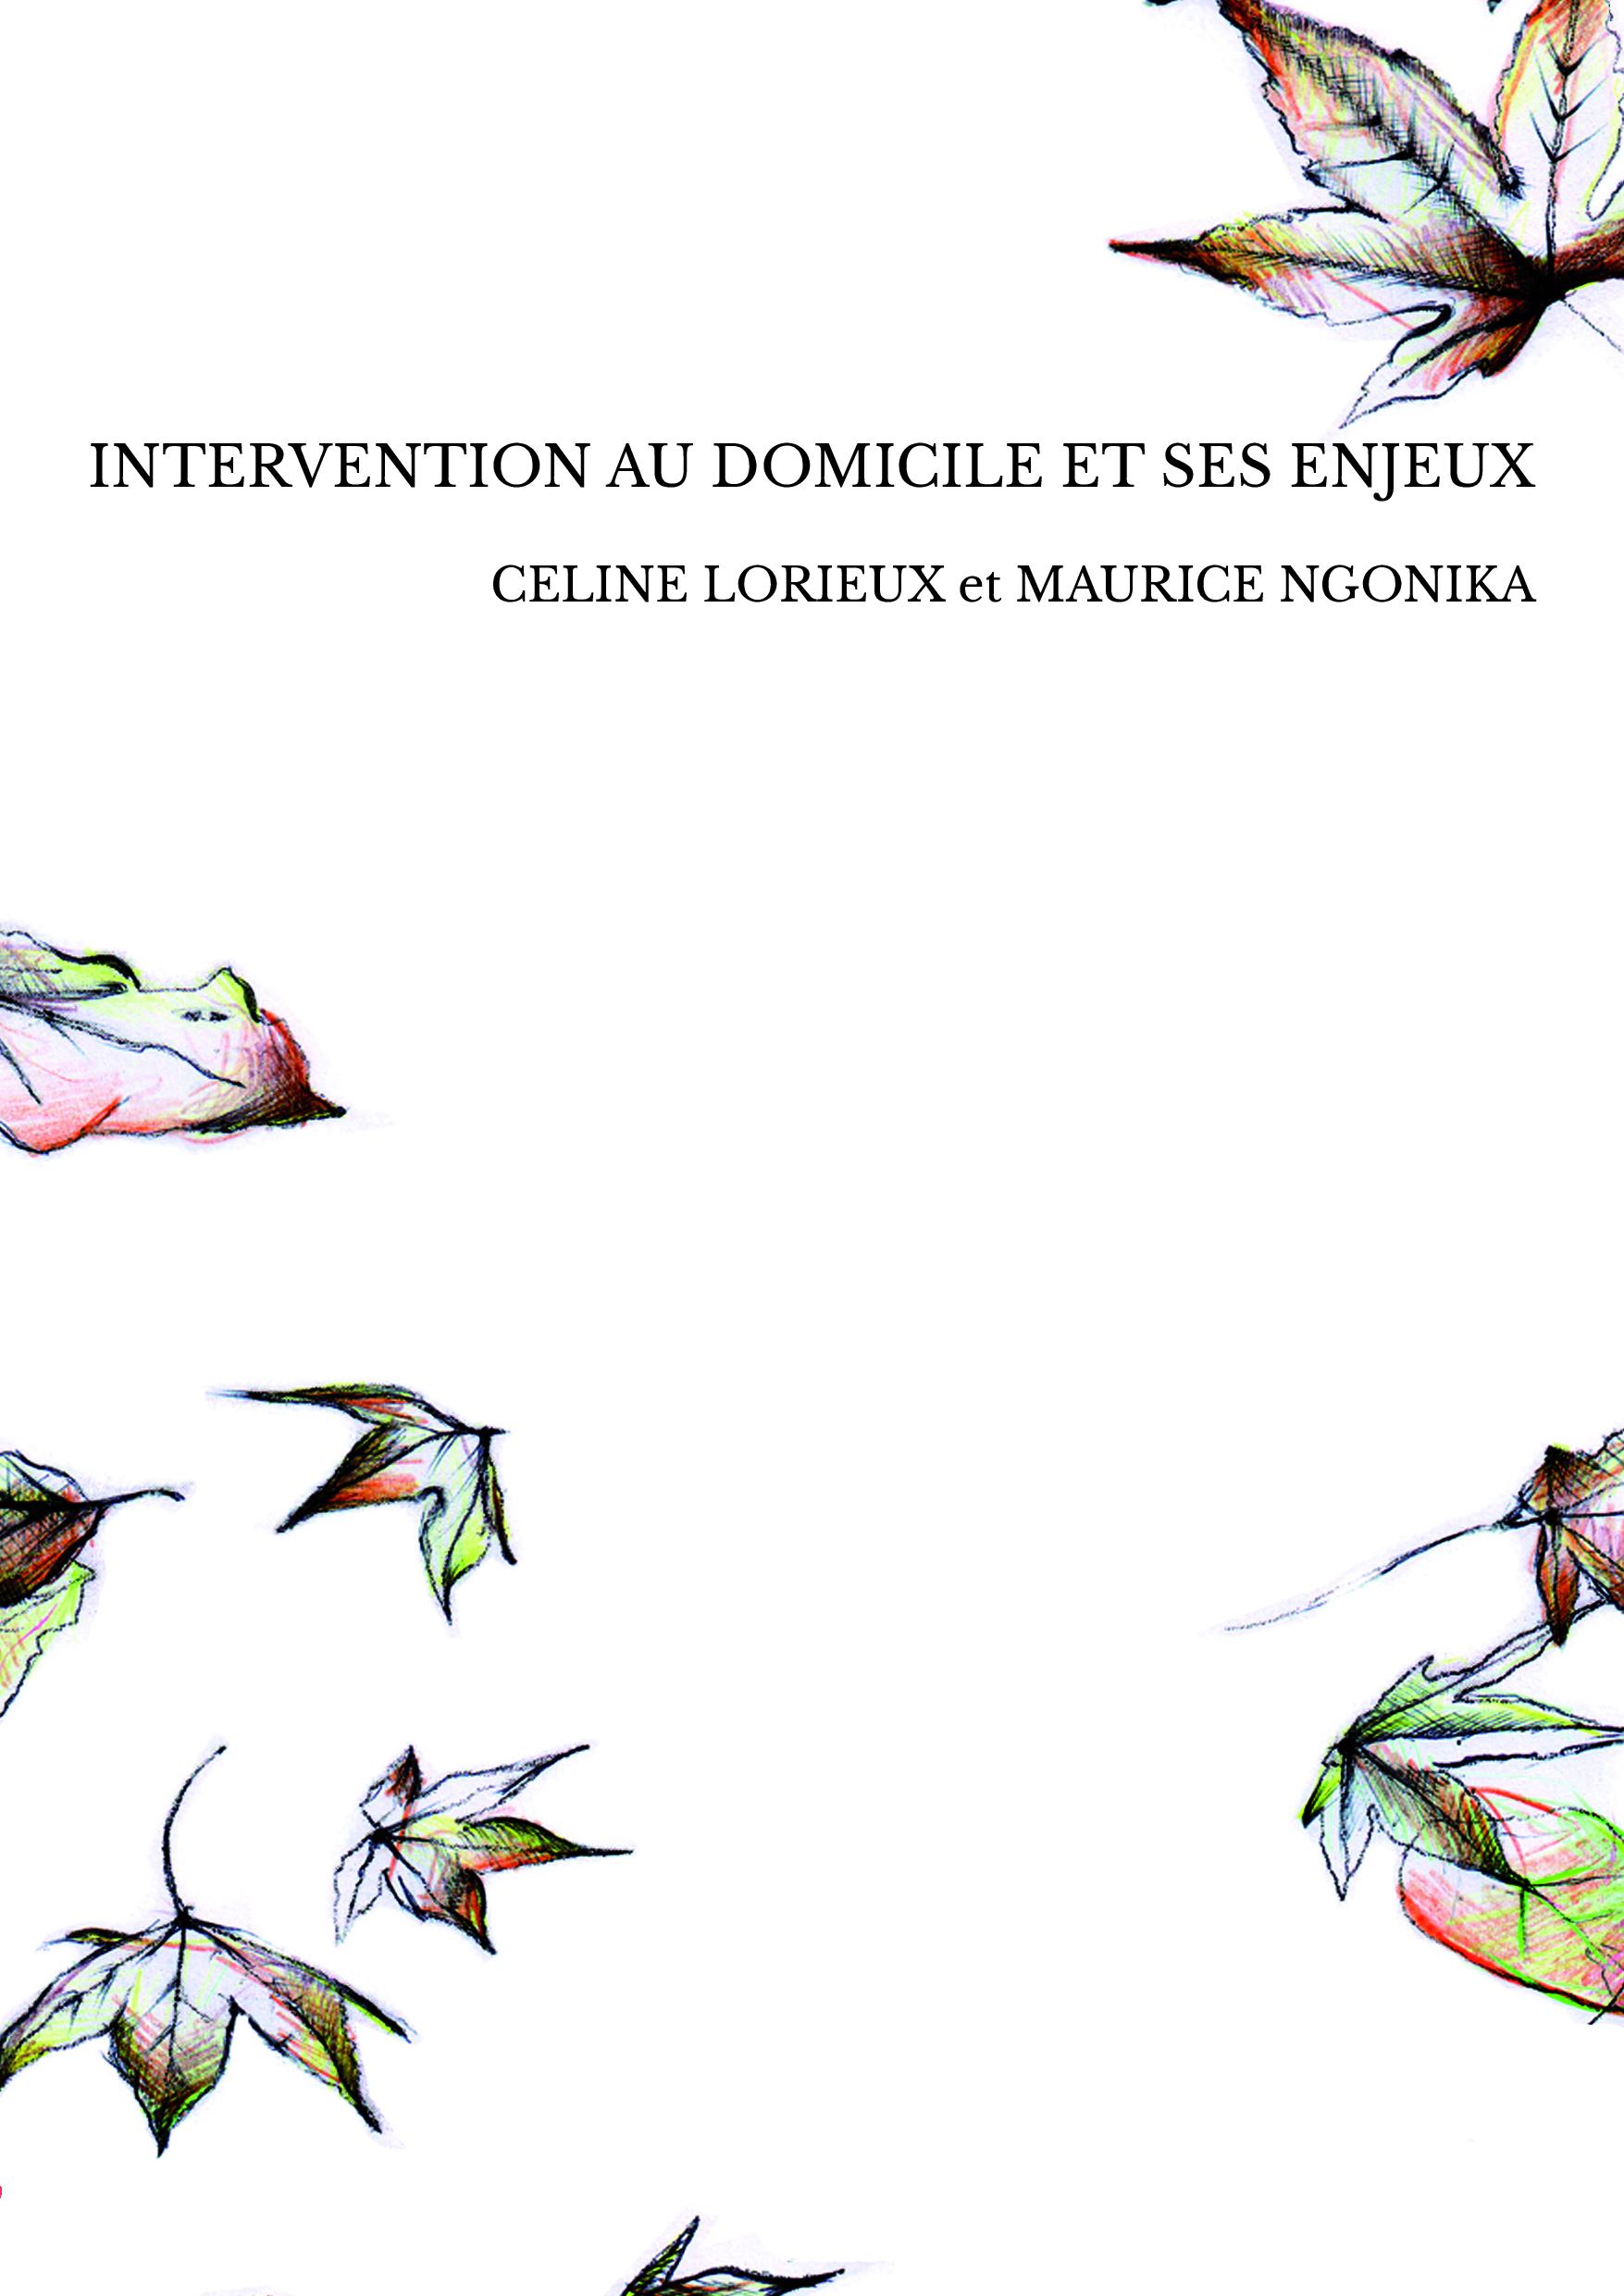 INTERVENTION AU DOMICILE ET SES ENJEUX